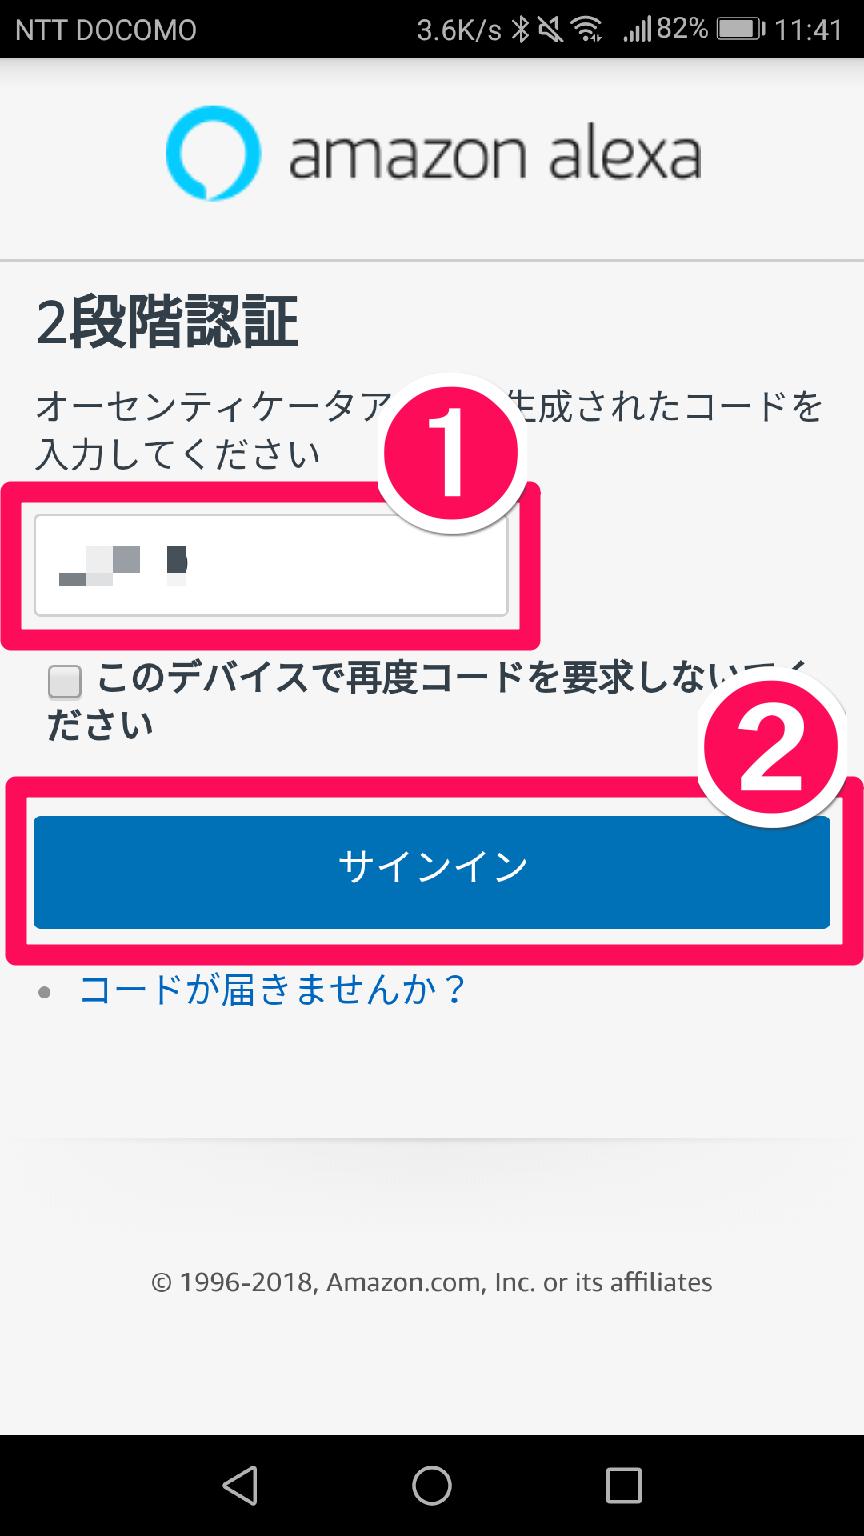 アマゾンアレクサ(Amazon Alexa)アプリの[2段階認証]画面